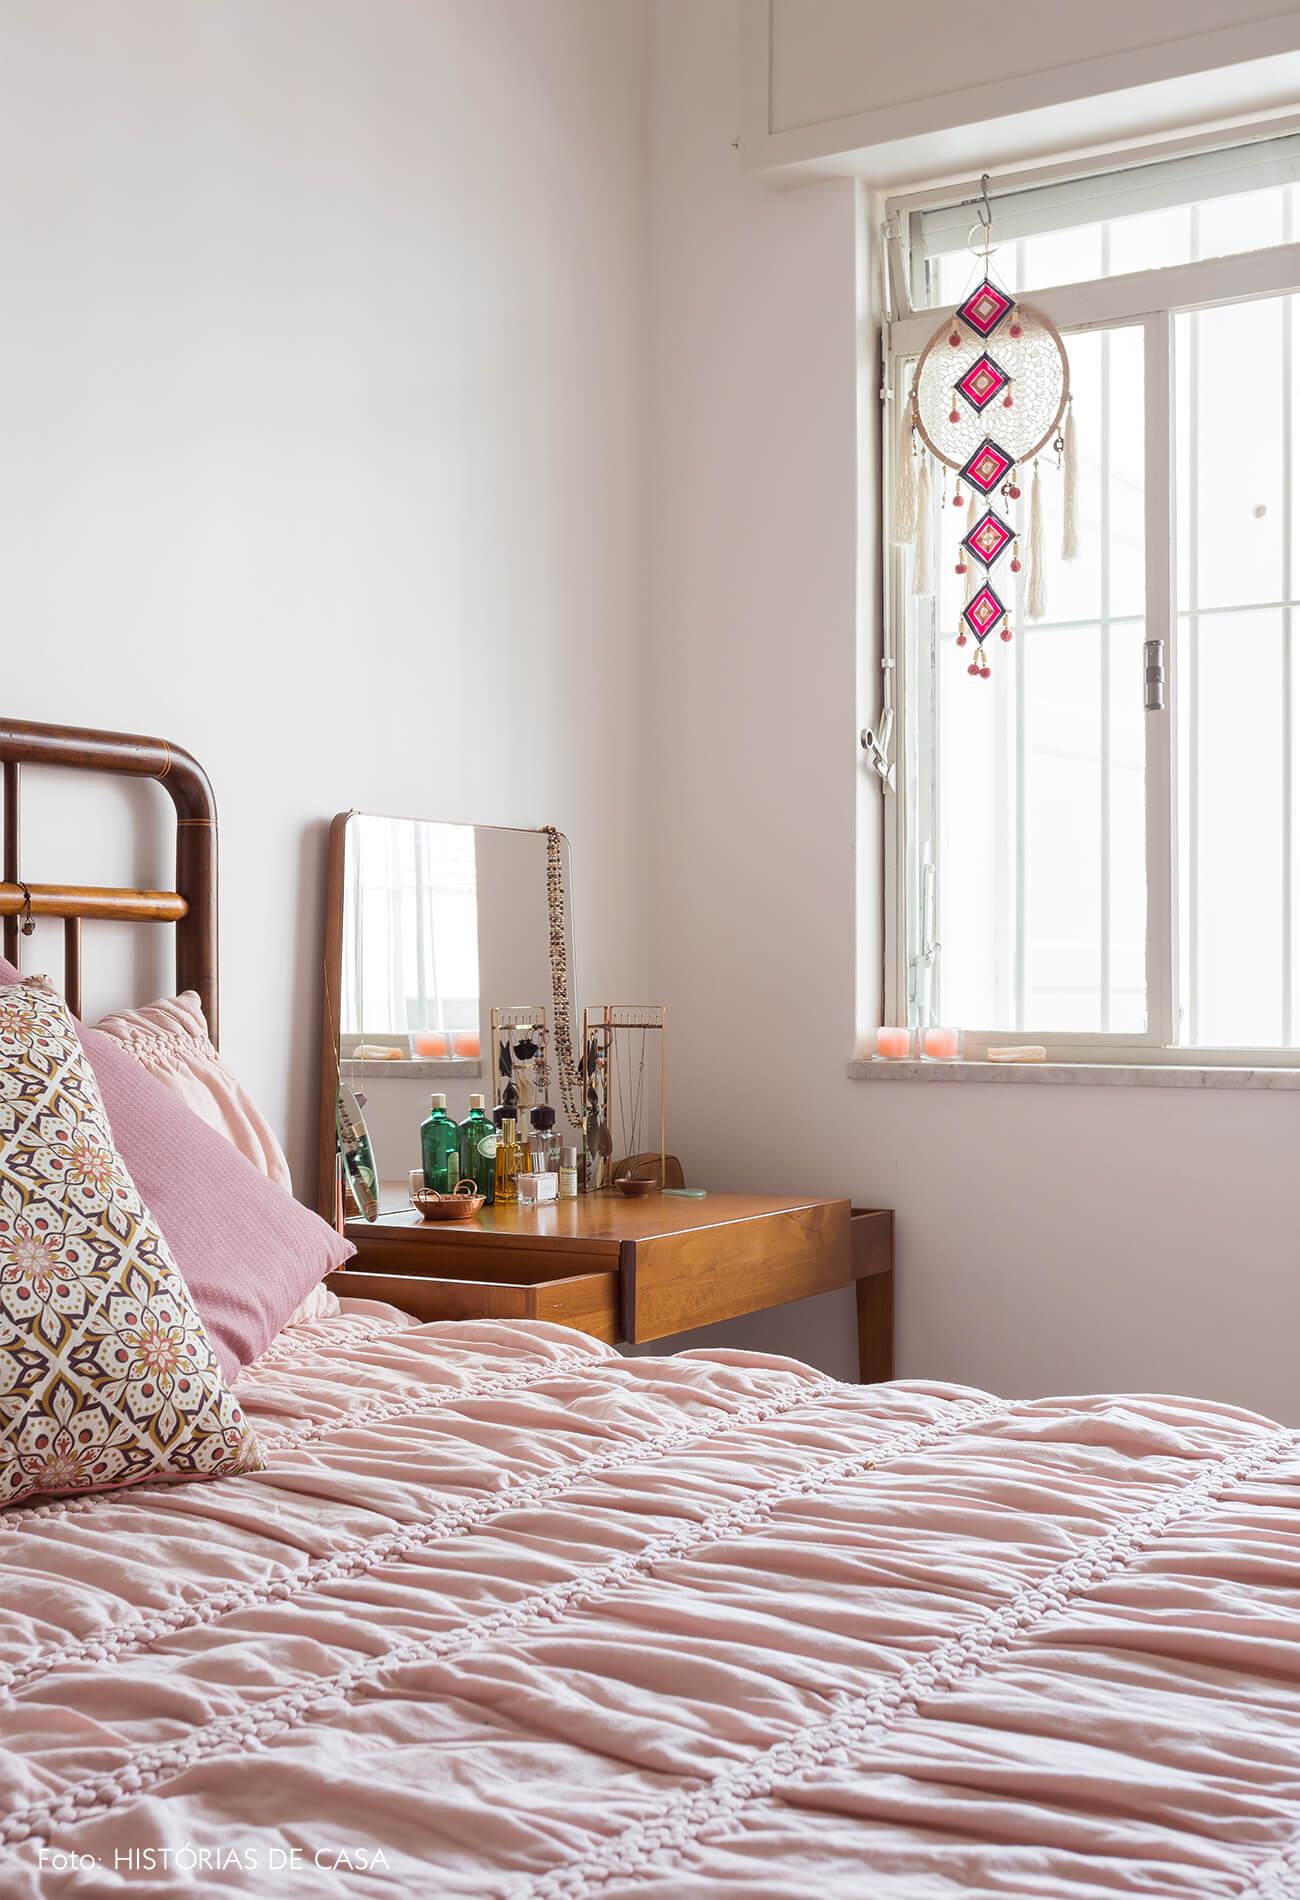 decoração quarto rosa com cama de madeira escura